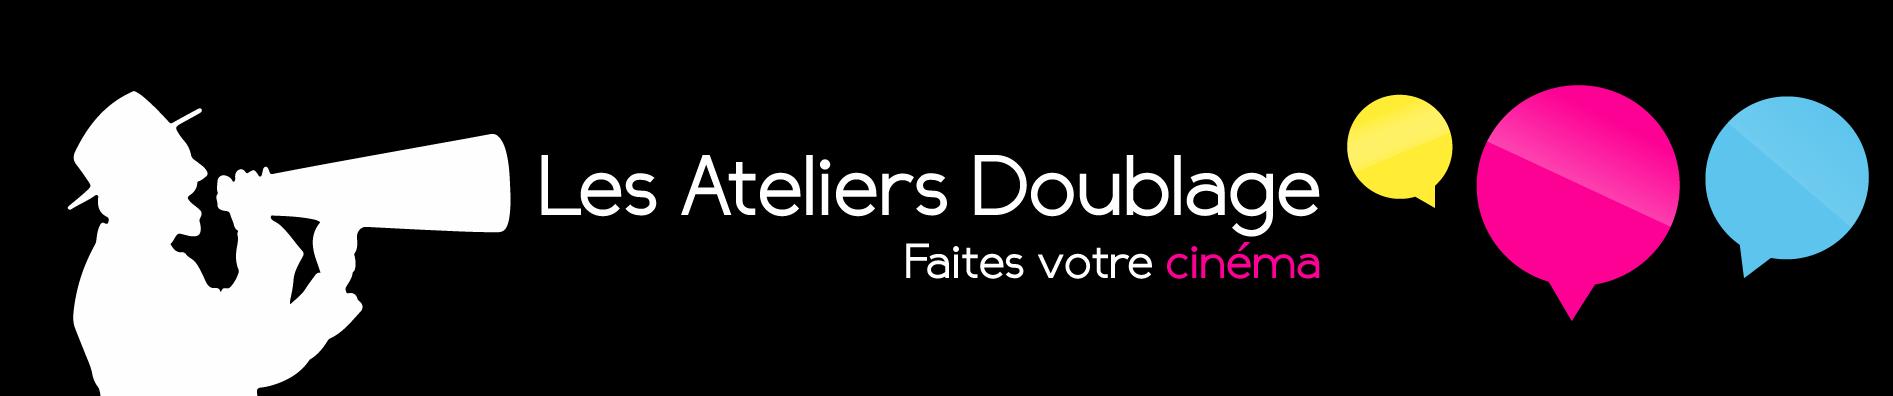 Atelier Doublage VOA